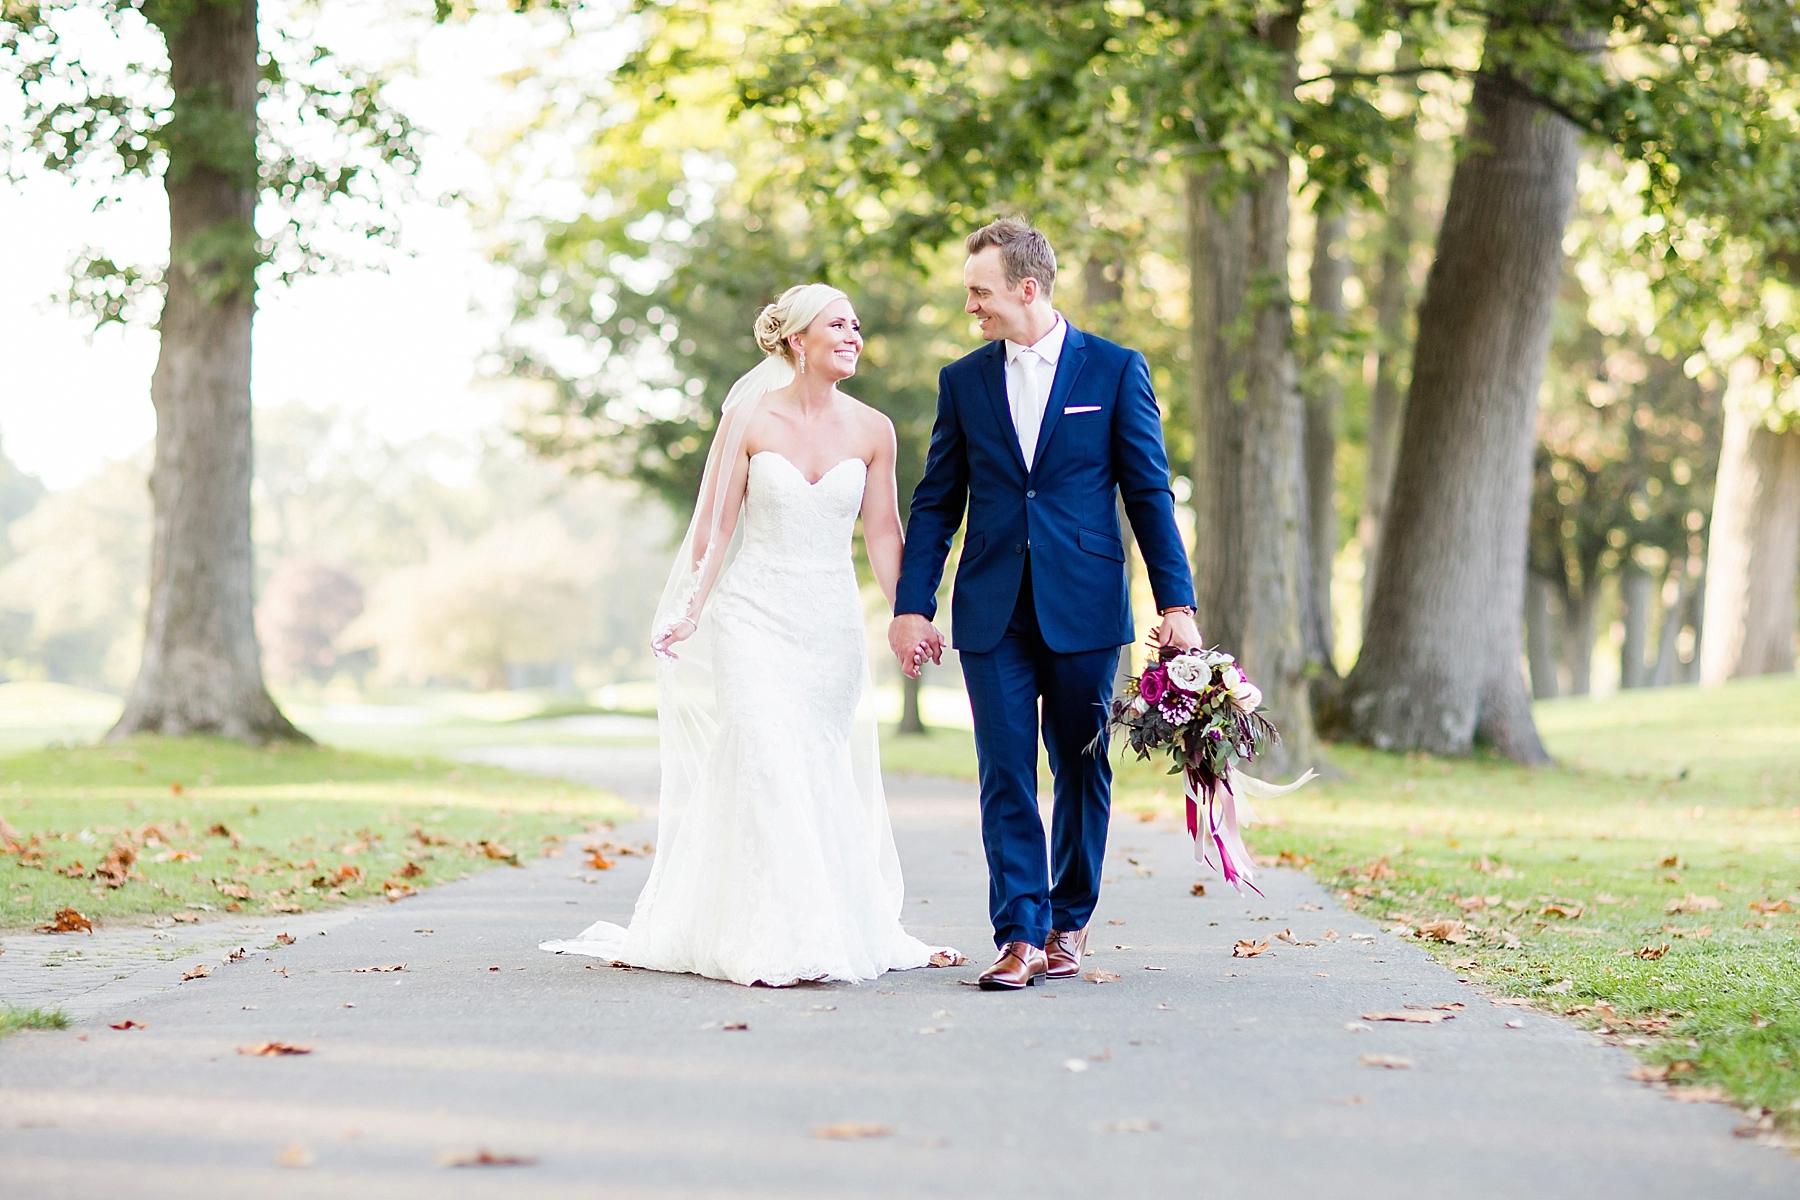 windsor-wedding-photographer-essex-golf-country-club-wedding-eryn-shea-photography_0051.jpg